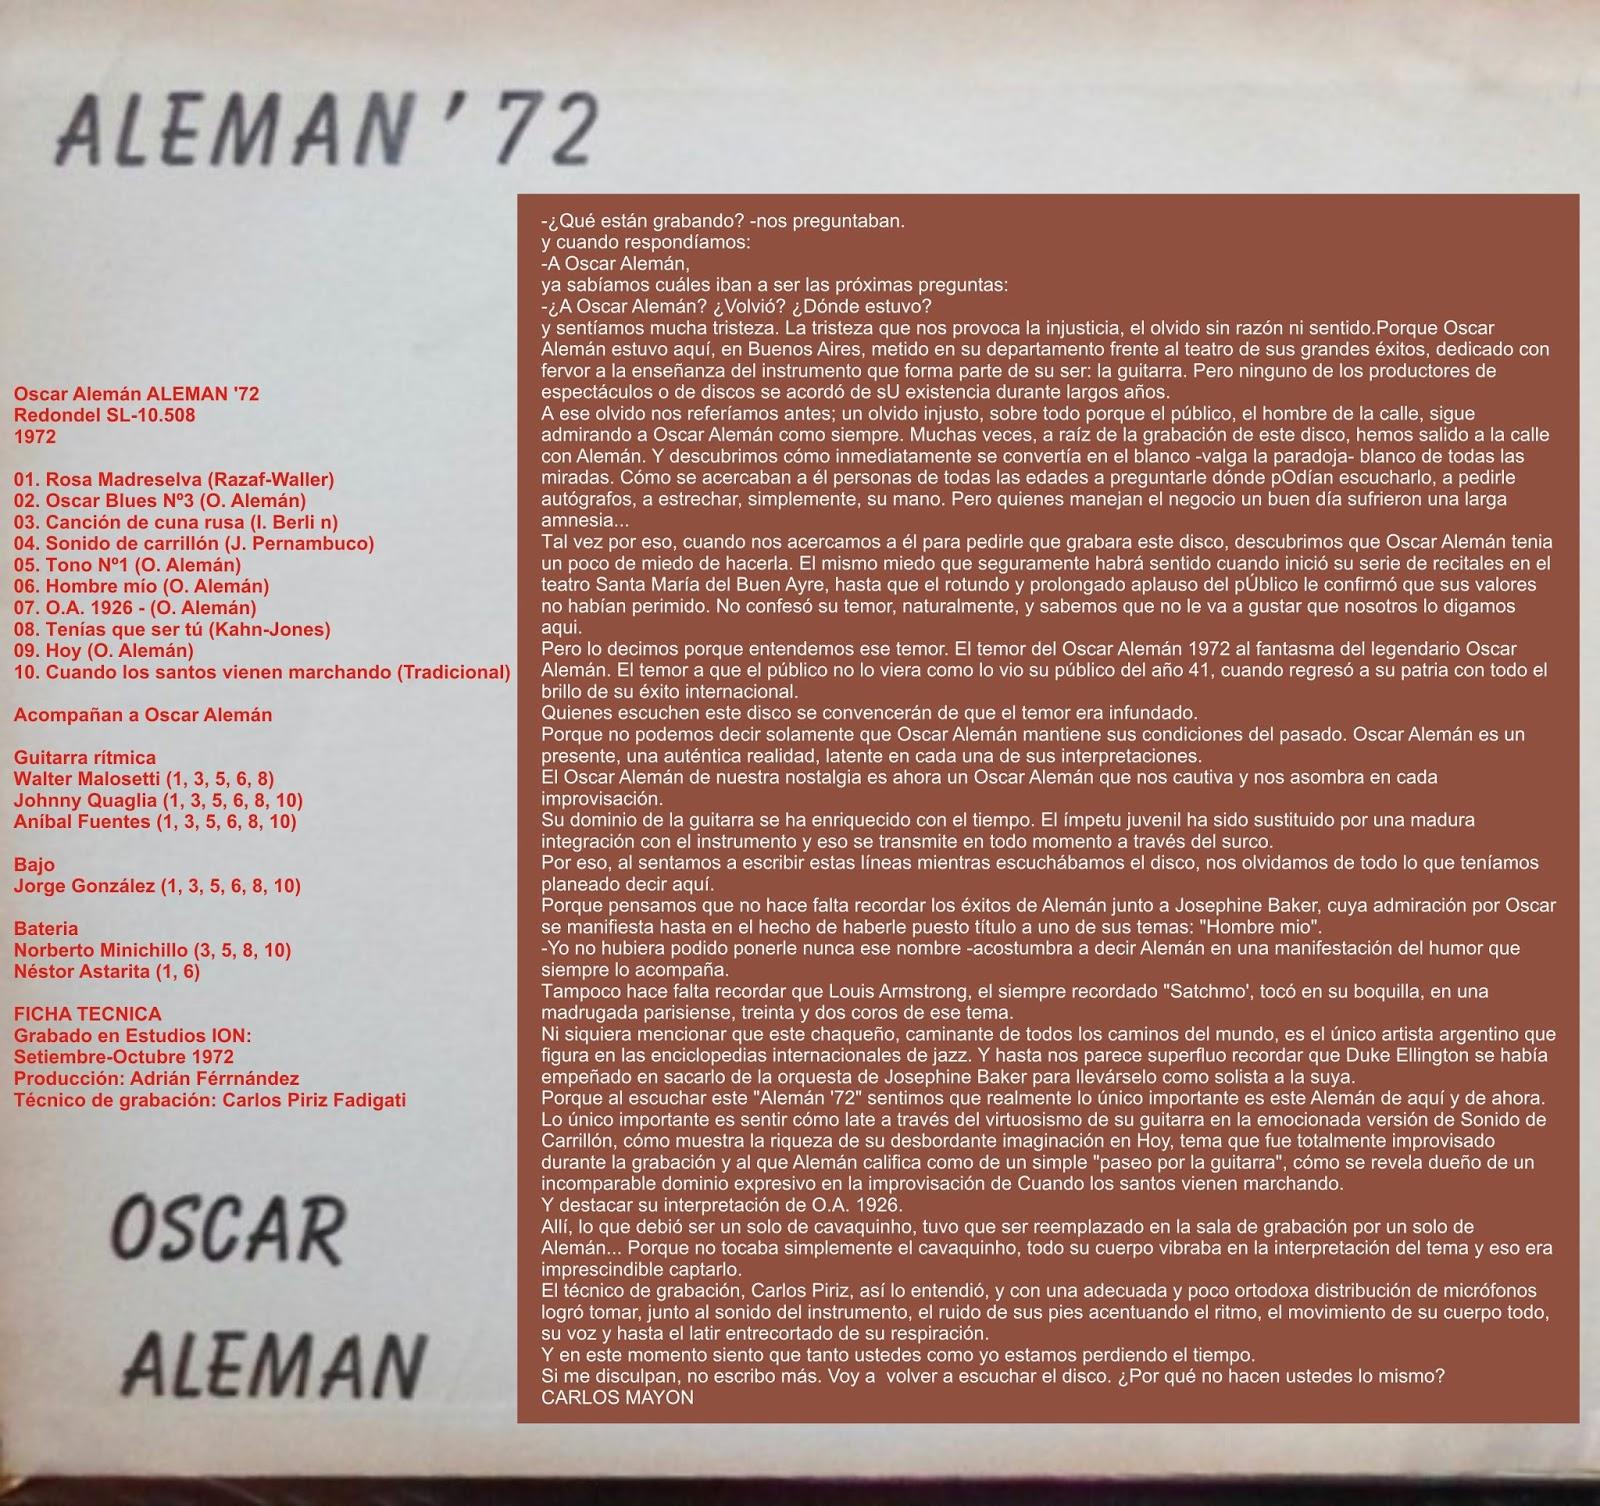 Oscar Aleman - Aleman '72